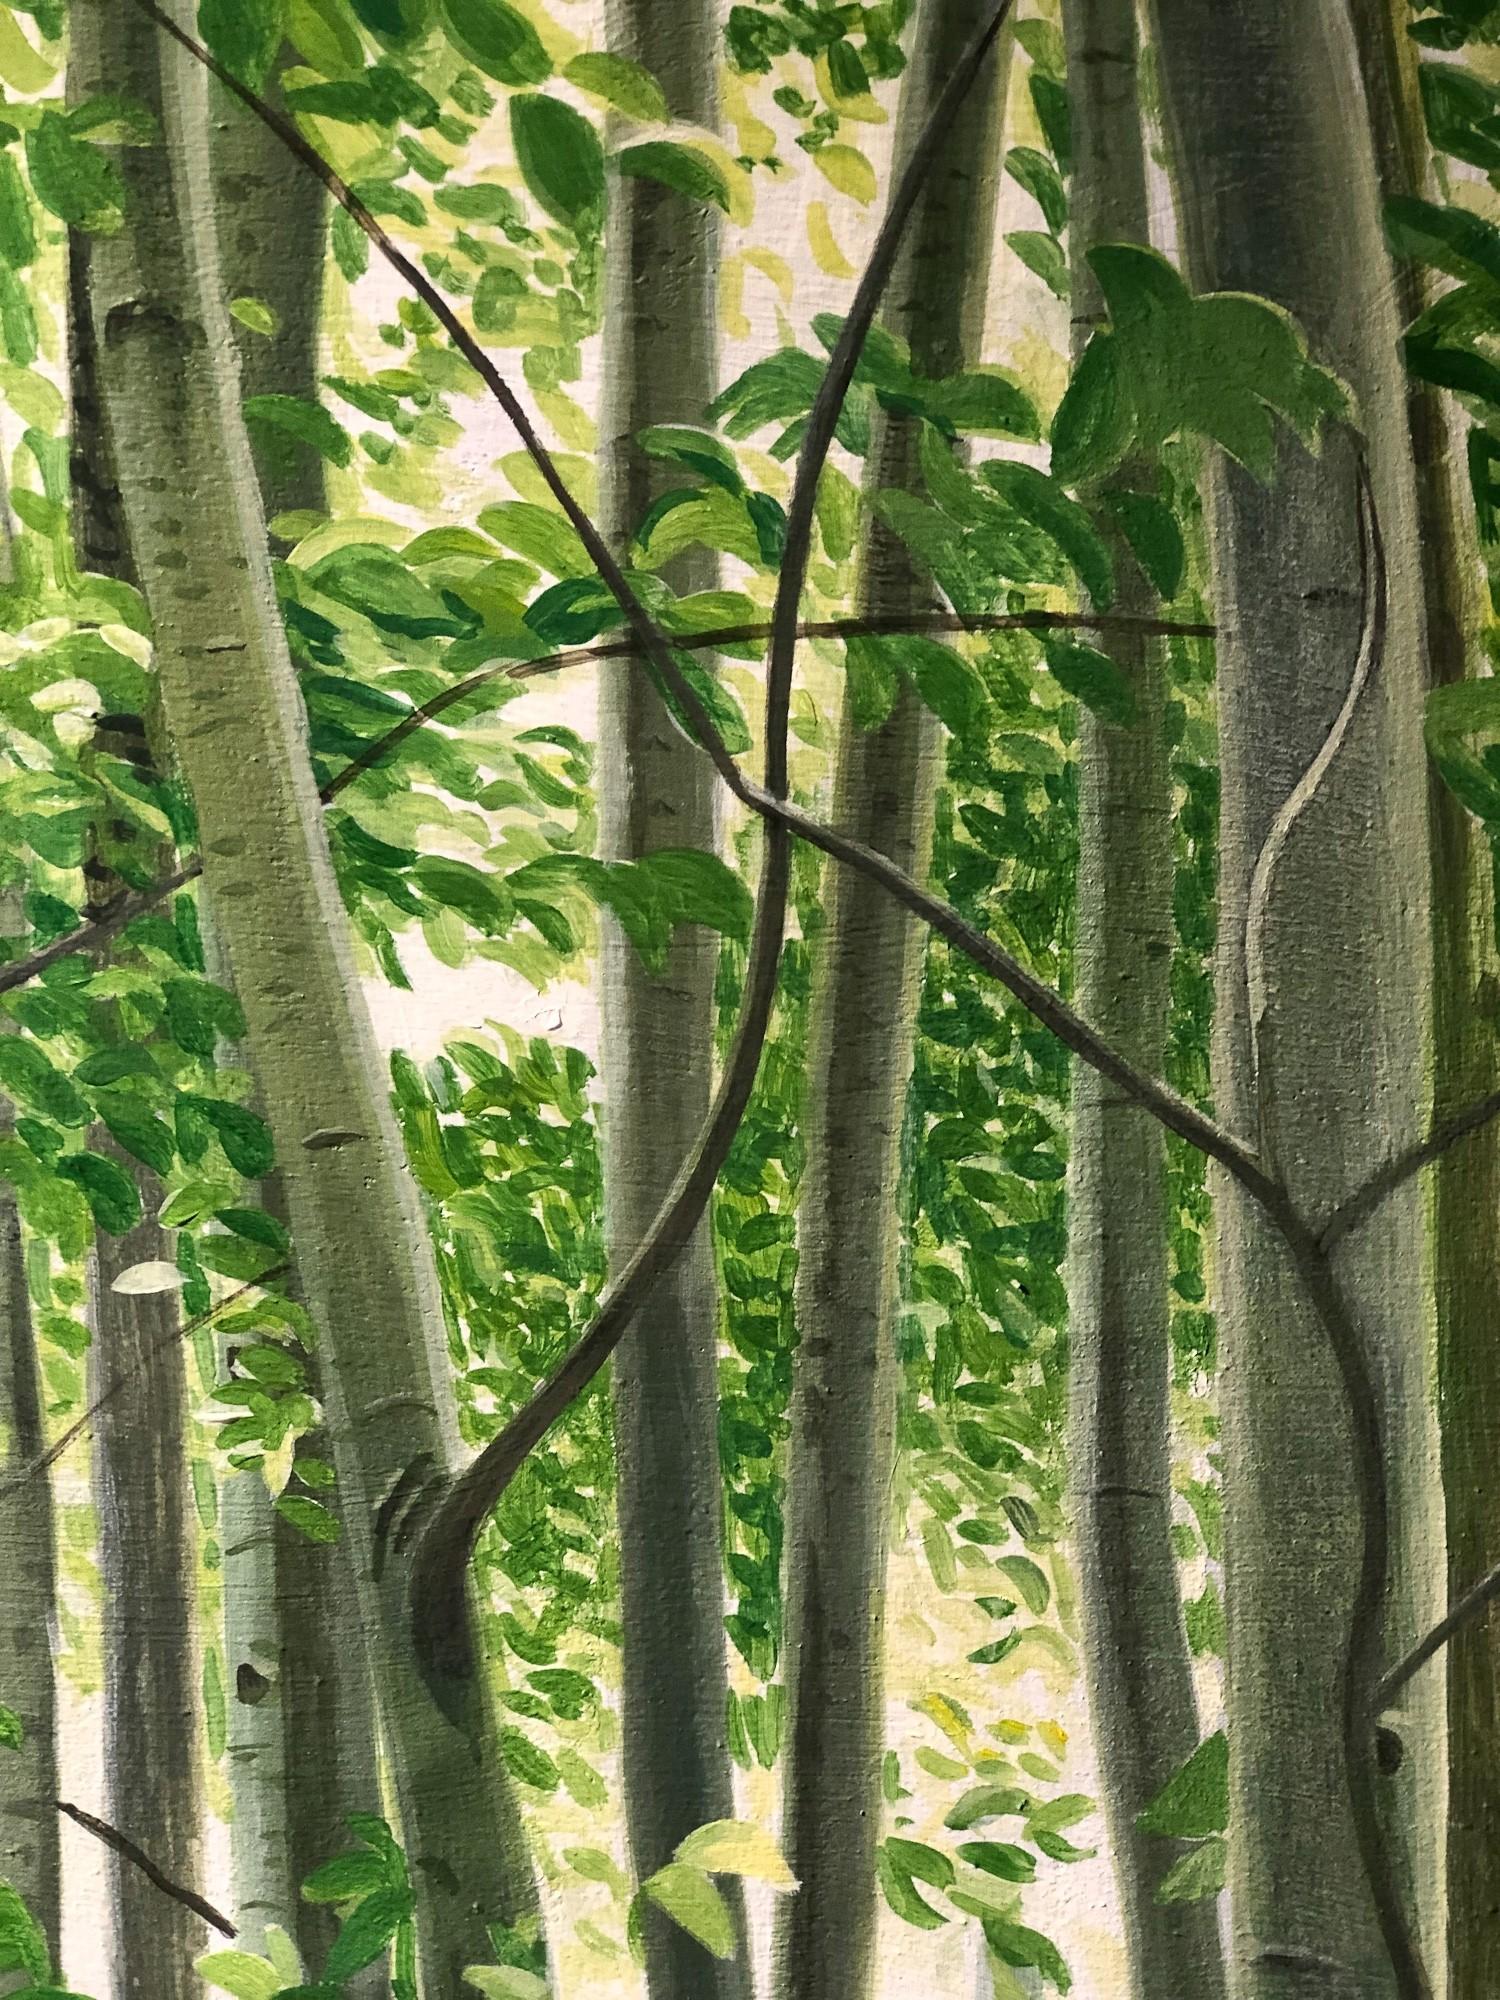 Mythischer Wald | Detail Bäume, Malerei von Sven Wiebers | Acryl auf Baumwolle